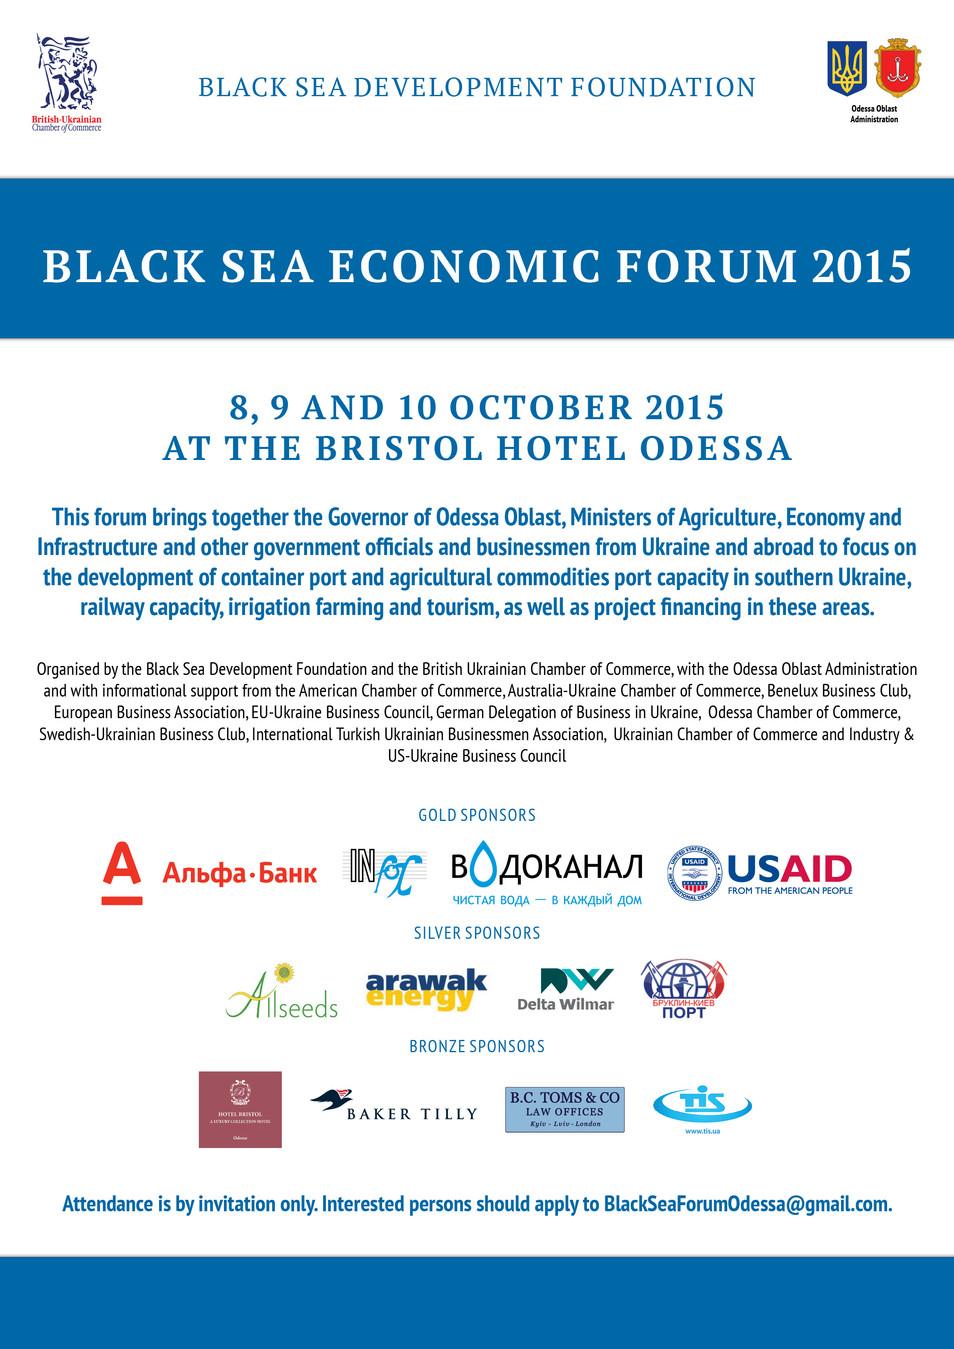 Black Sea Economic Forum 2015